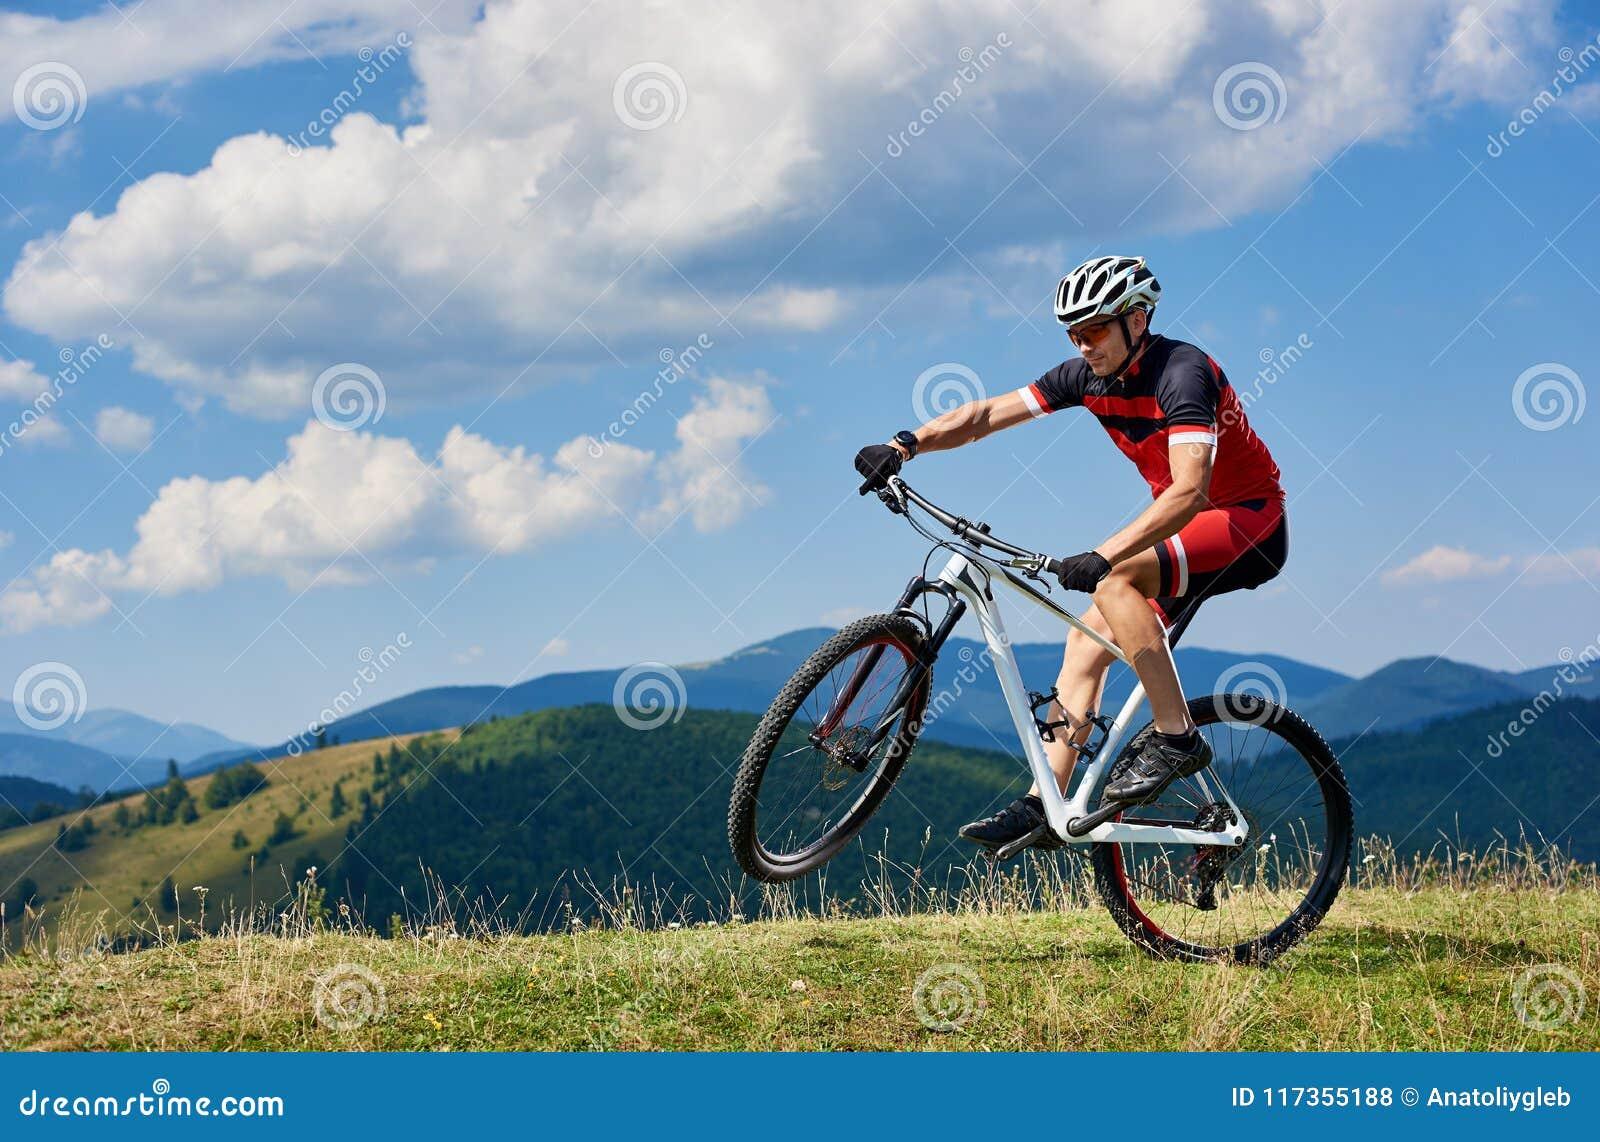 Motociclista atlético novo do turista do desportista no sportswear profissional que gira sobre uma roda da bicicleta